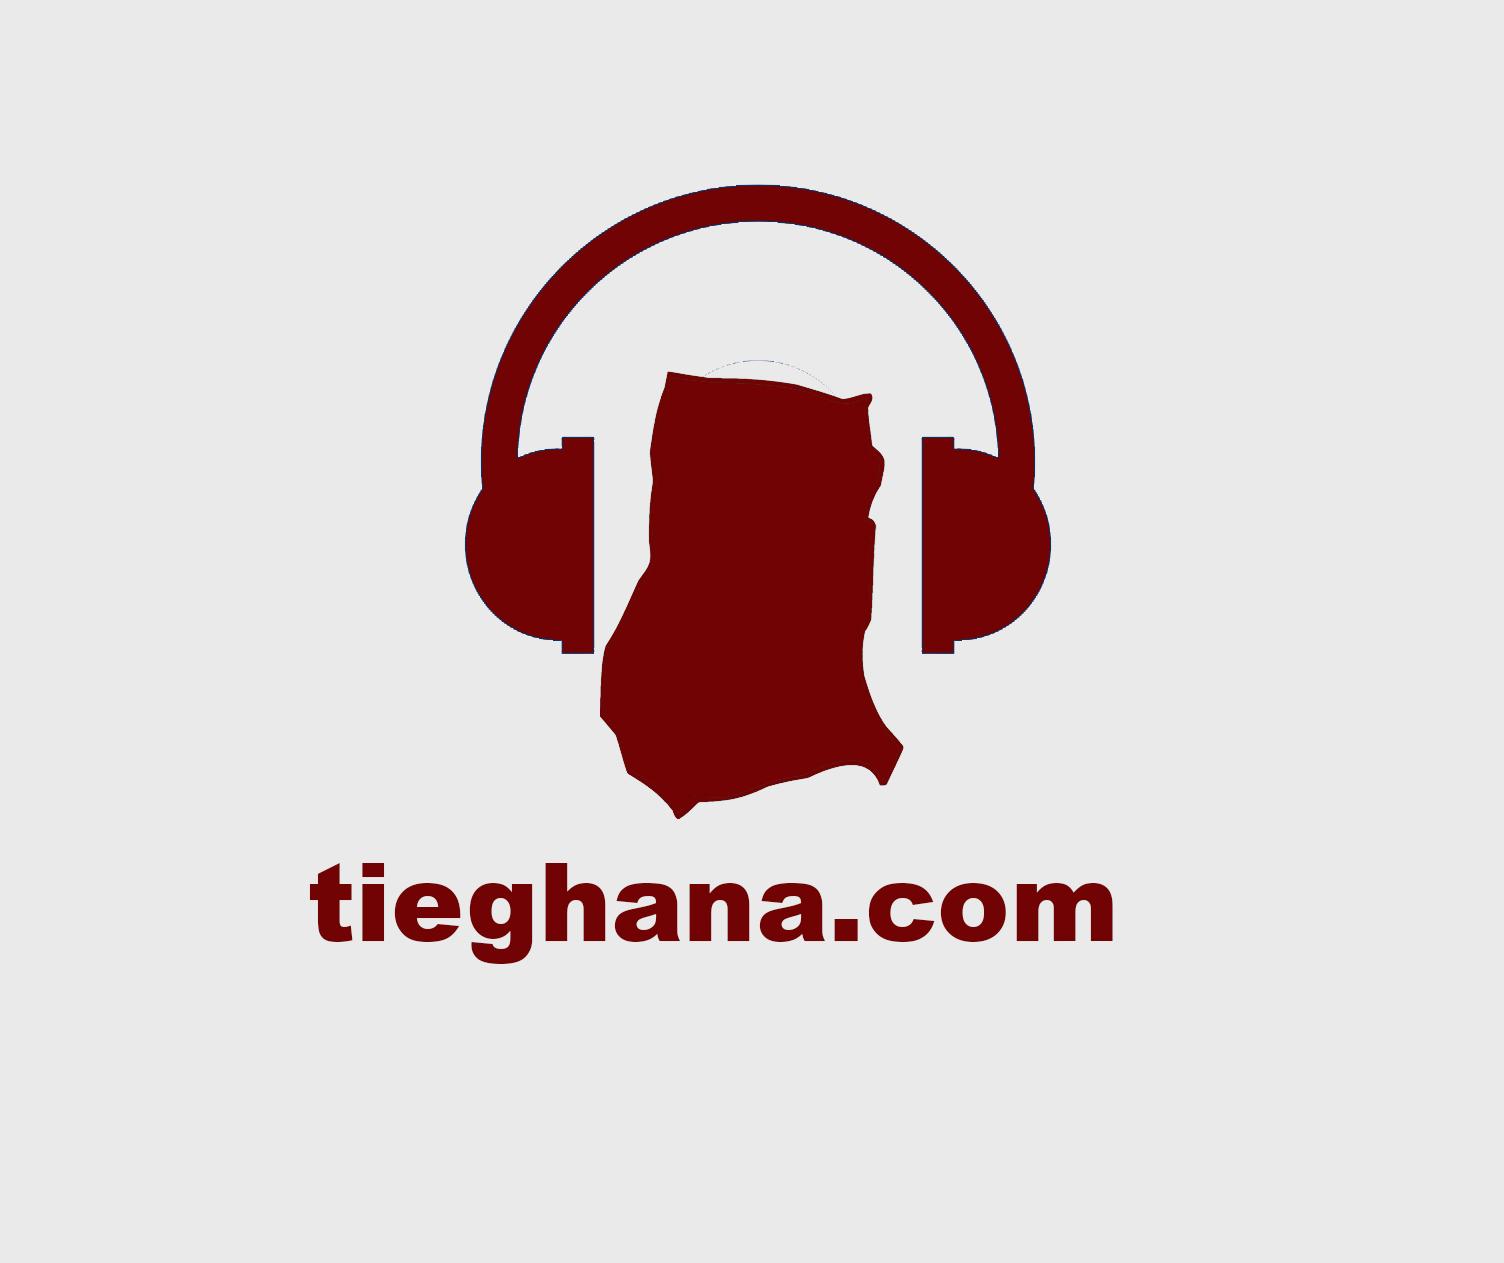 TIE GHANA